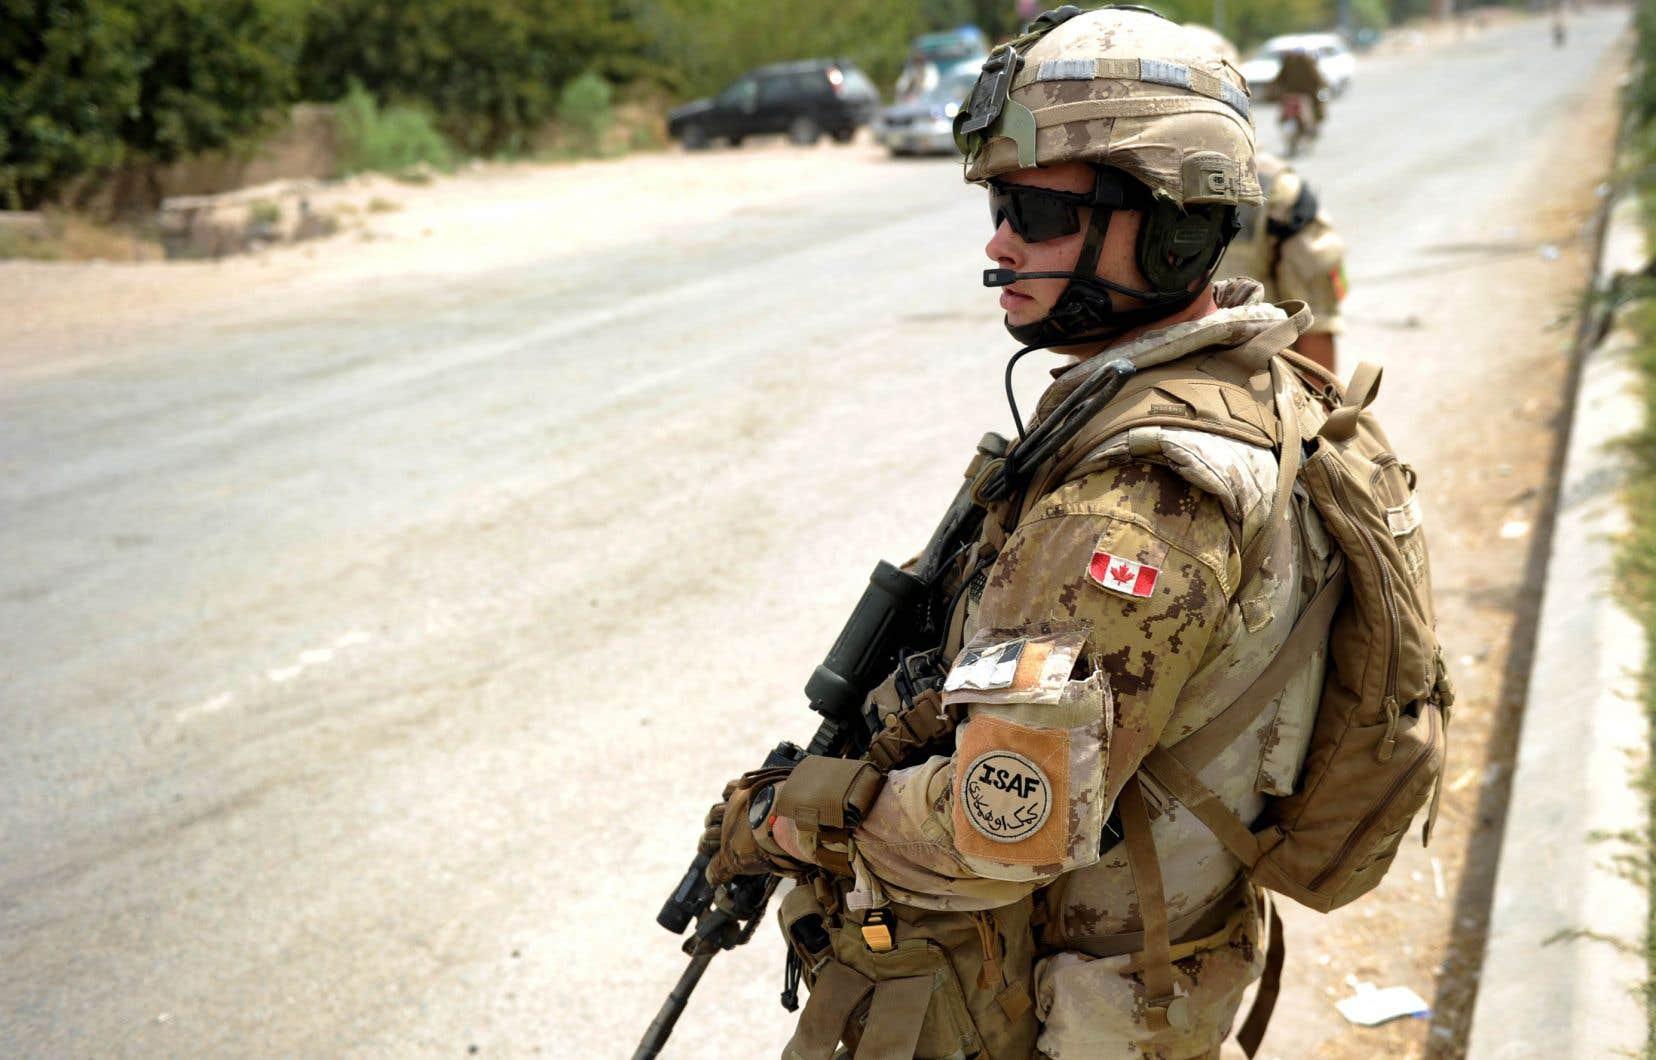 Cette étape charnière donne l'occasion de faire le point sur les leçons de cette guerre pour la diplomatie et pour les relations internationales de l'Occident, et du Canada en particulier.